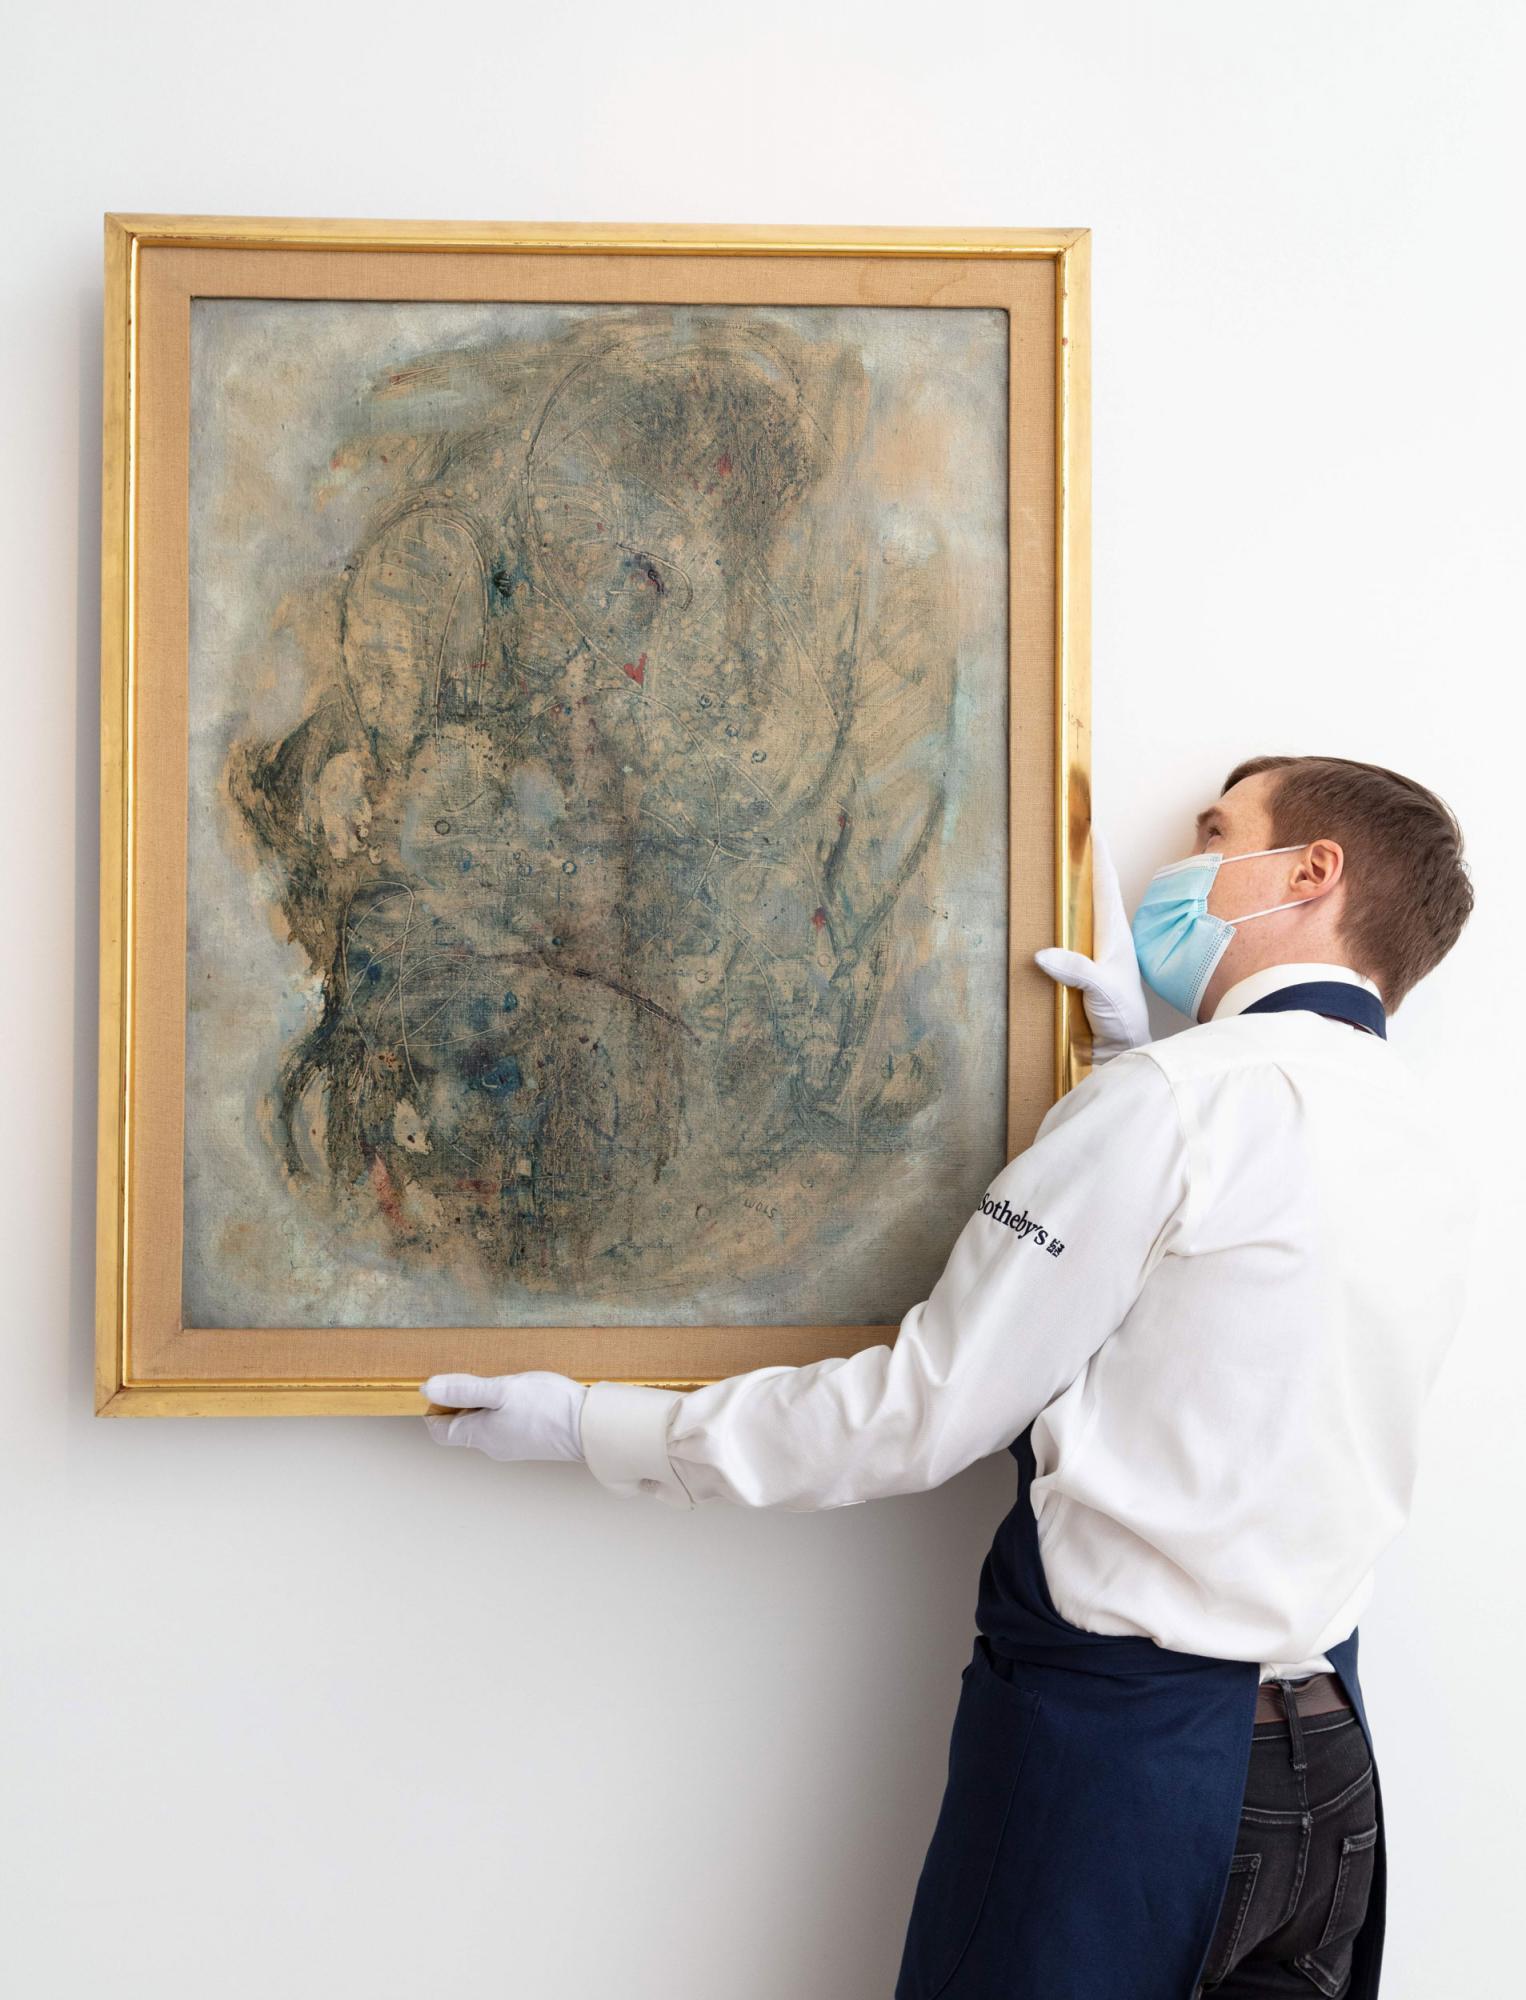 Wols,-La-Turquoise,-1947,-est_-£1_2-1.jpg